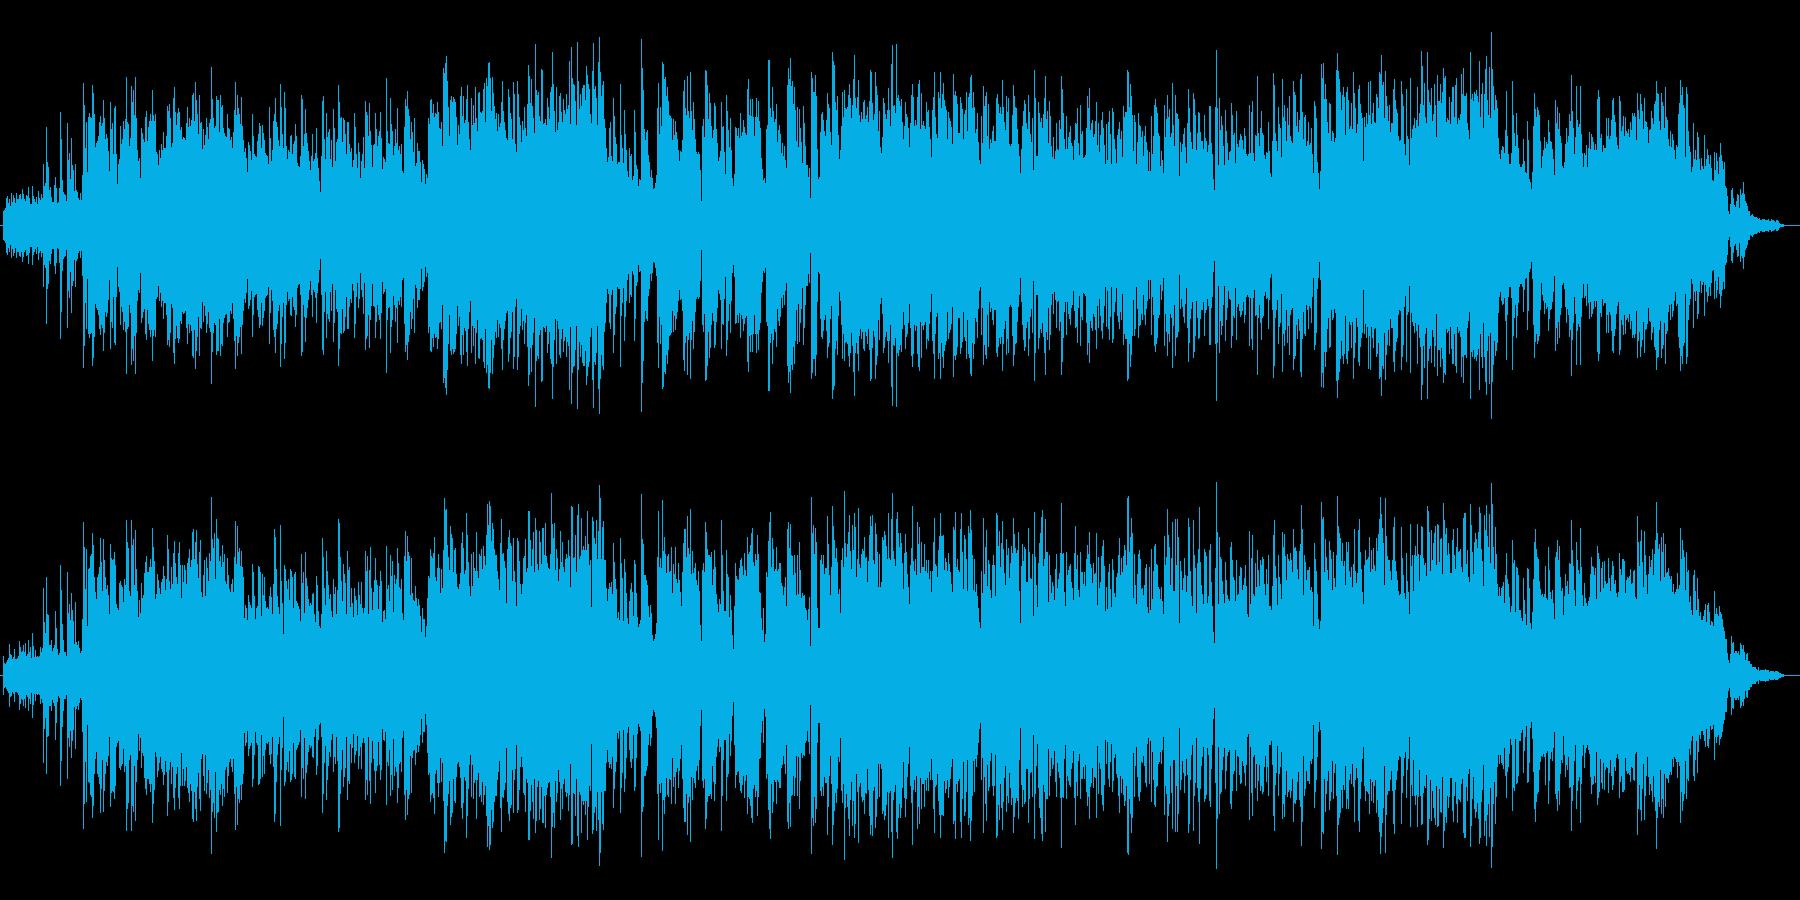 アコーステックギターの音がのどかな曲の再生済みの波形